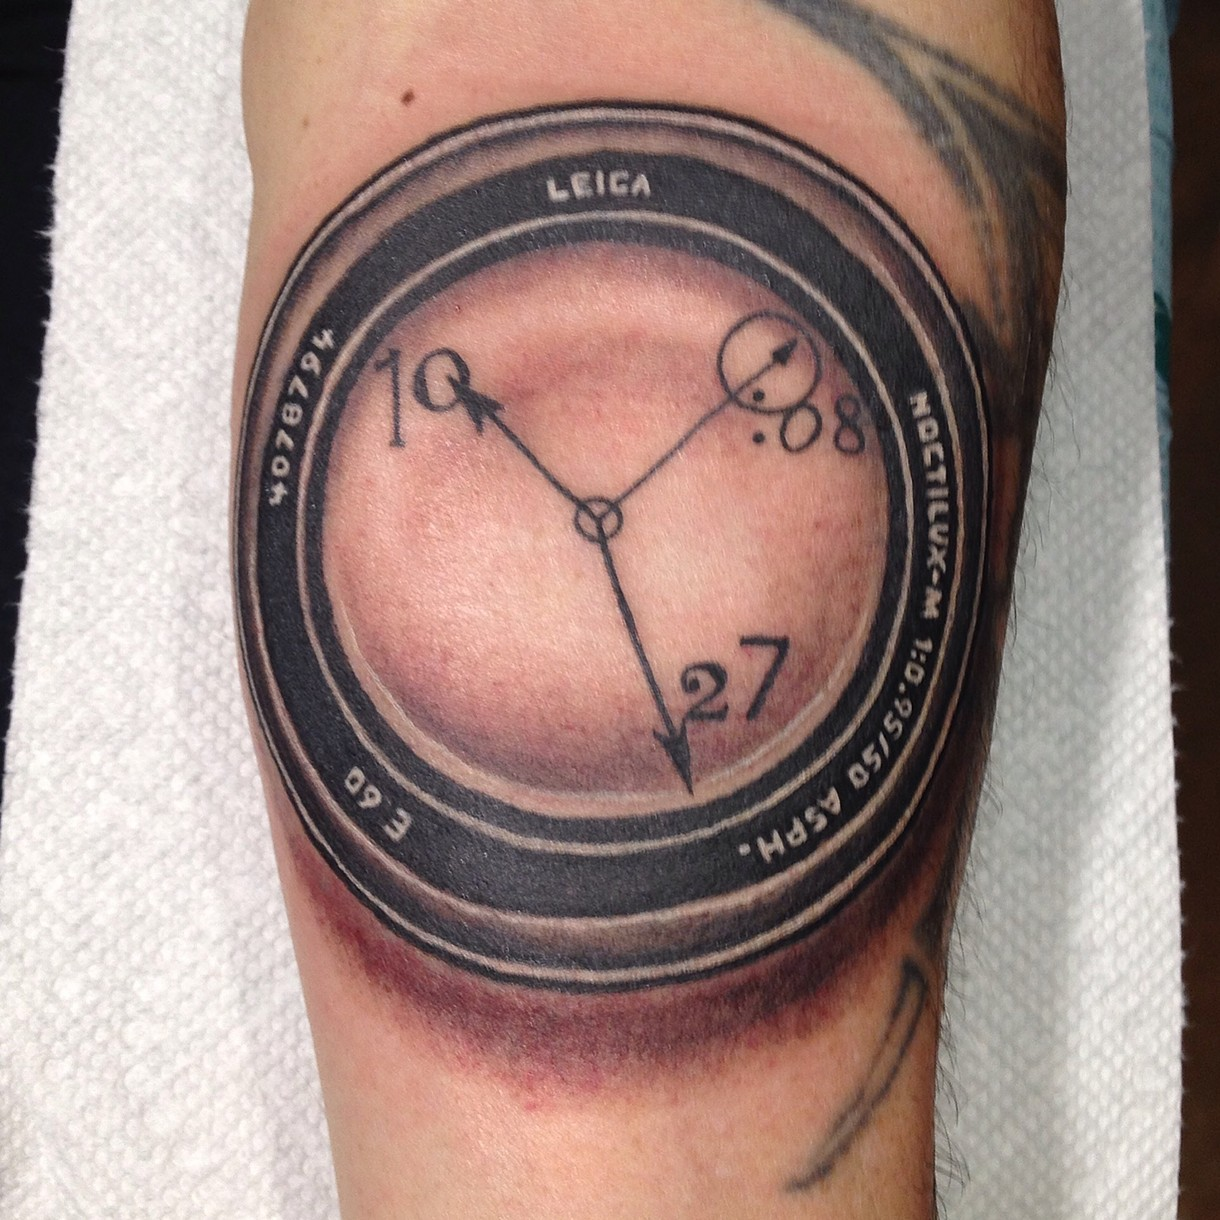 Cape Cod Tattoo Ideas Part - 45: Tatto Camera For Coastline Tattoo - Provincetown, Cape Cod - Custom  Tattooing U0026 Art